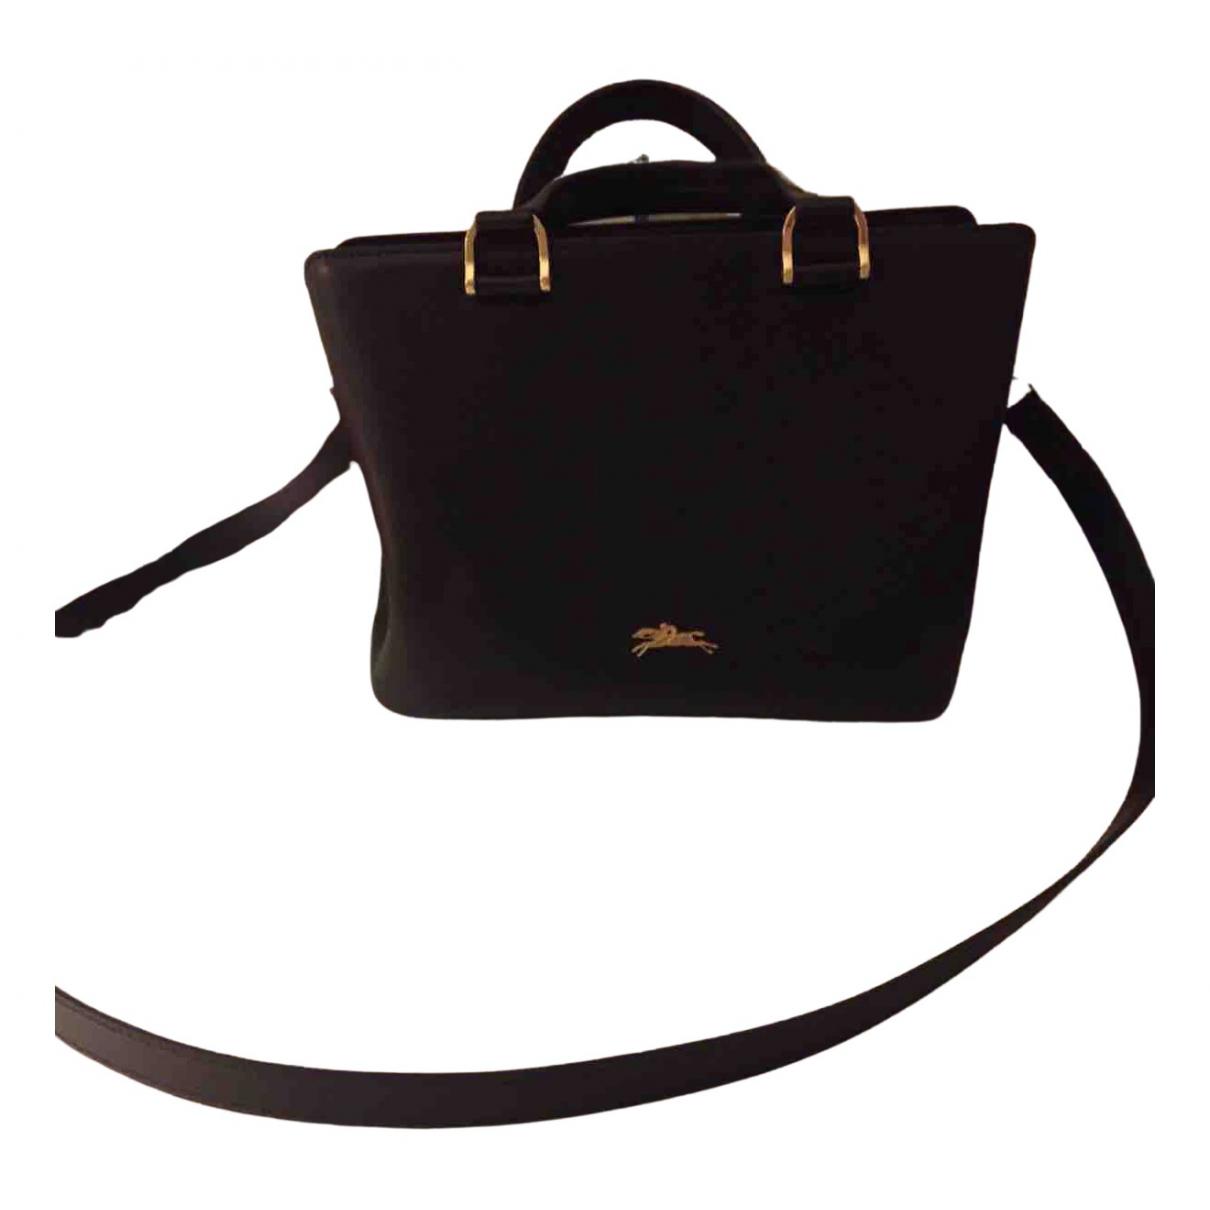 Longchamp N Black Leather handbag for Women N